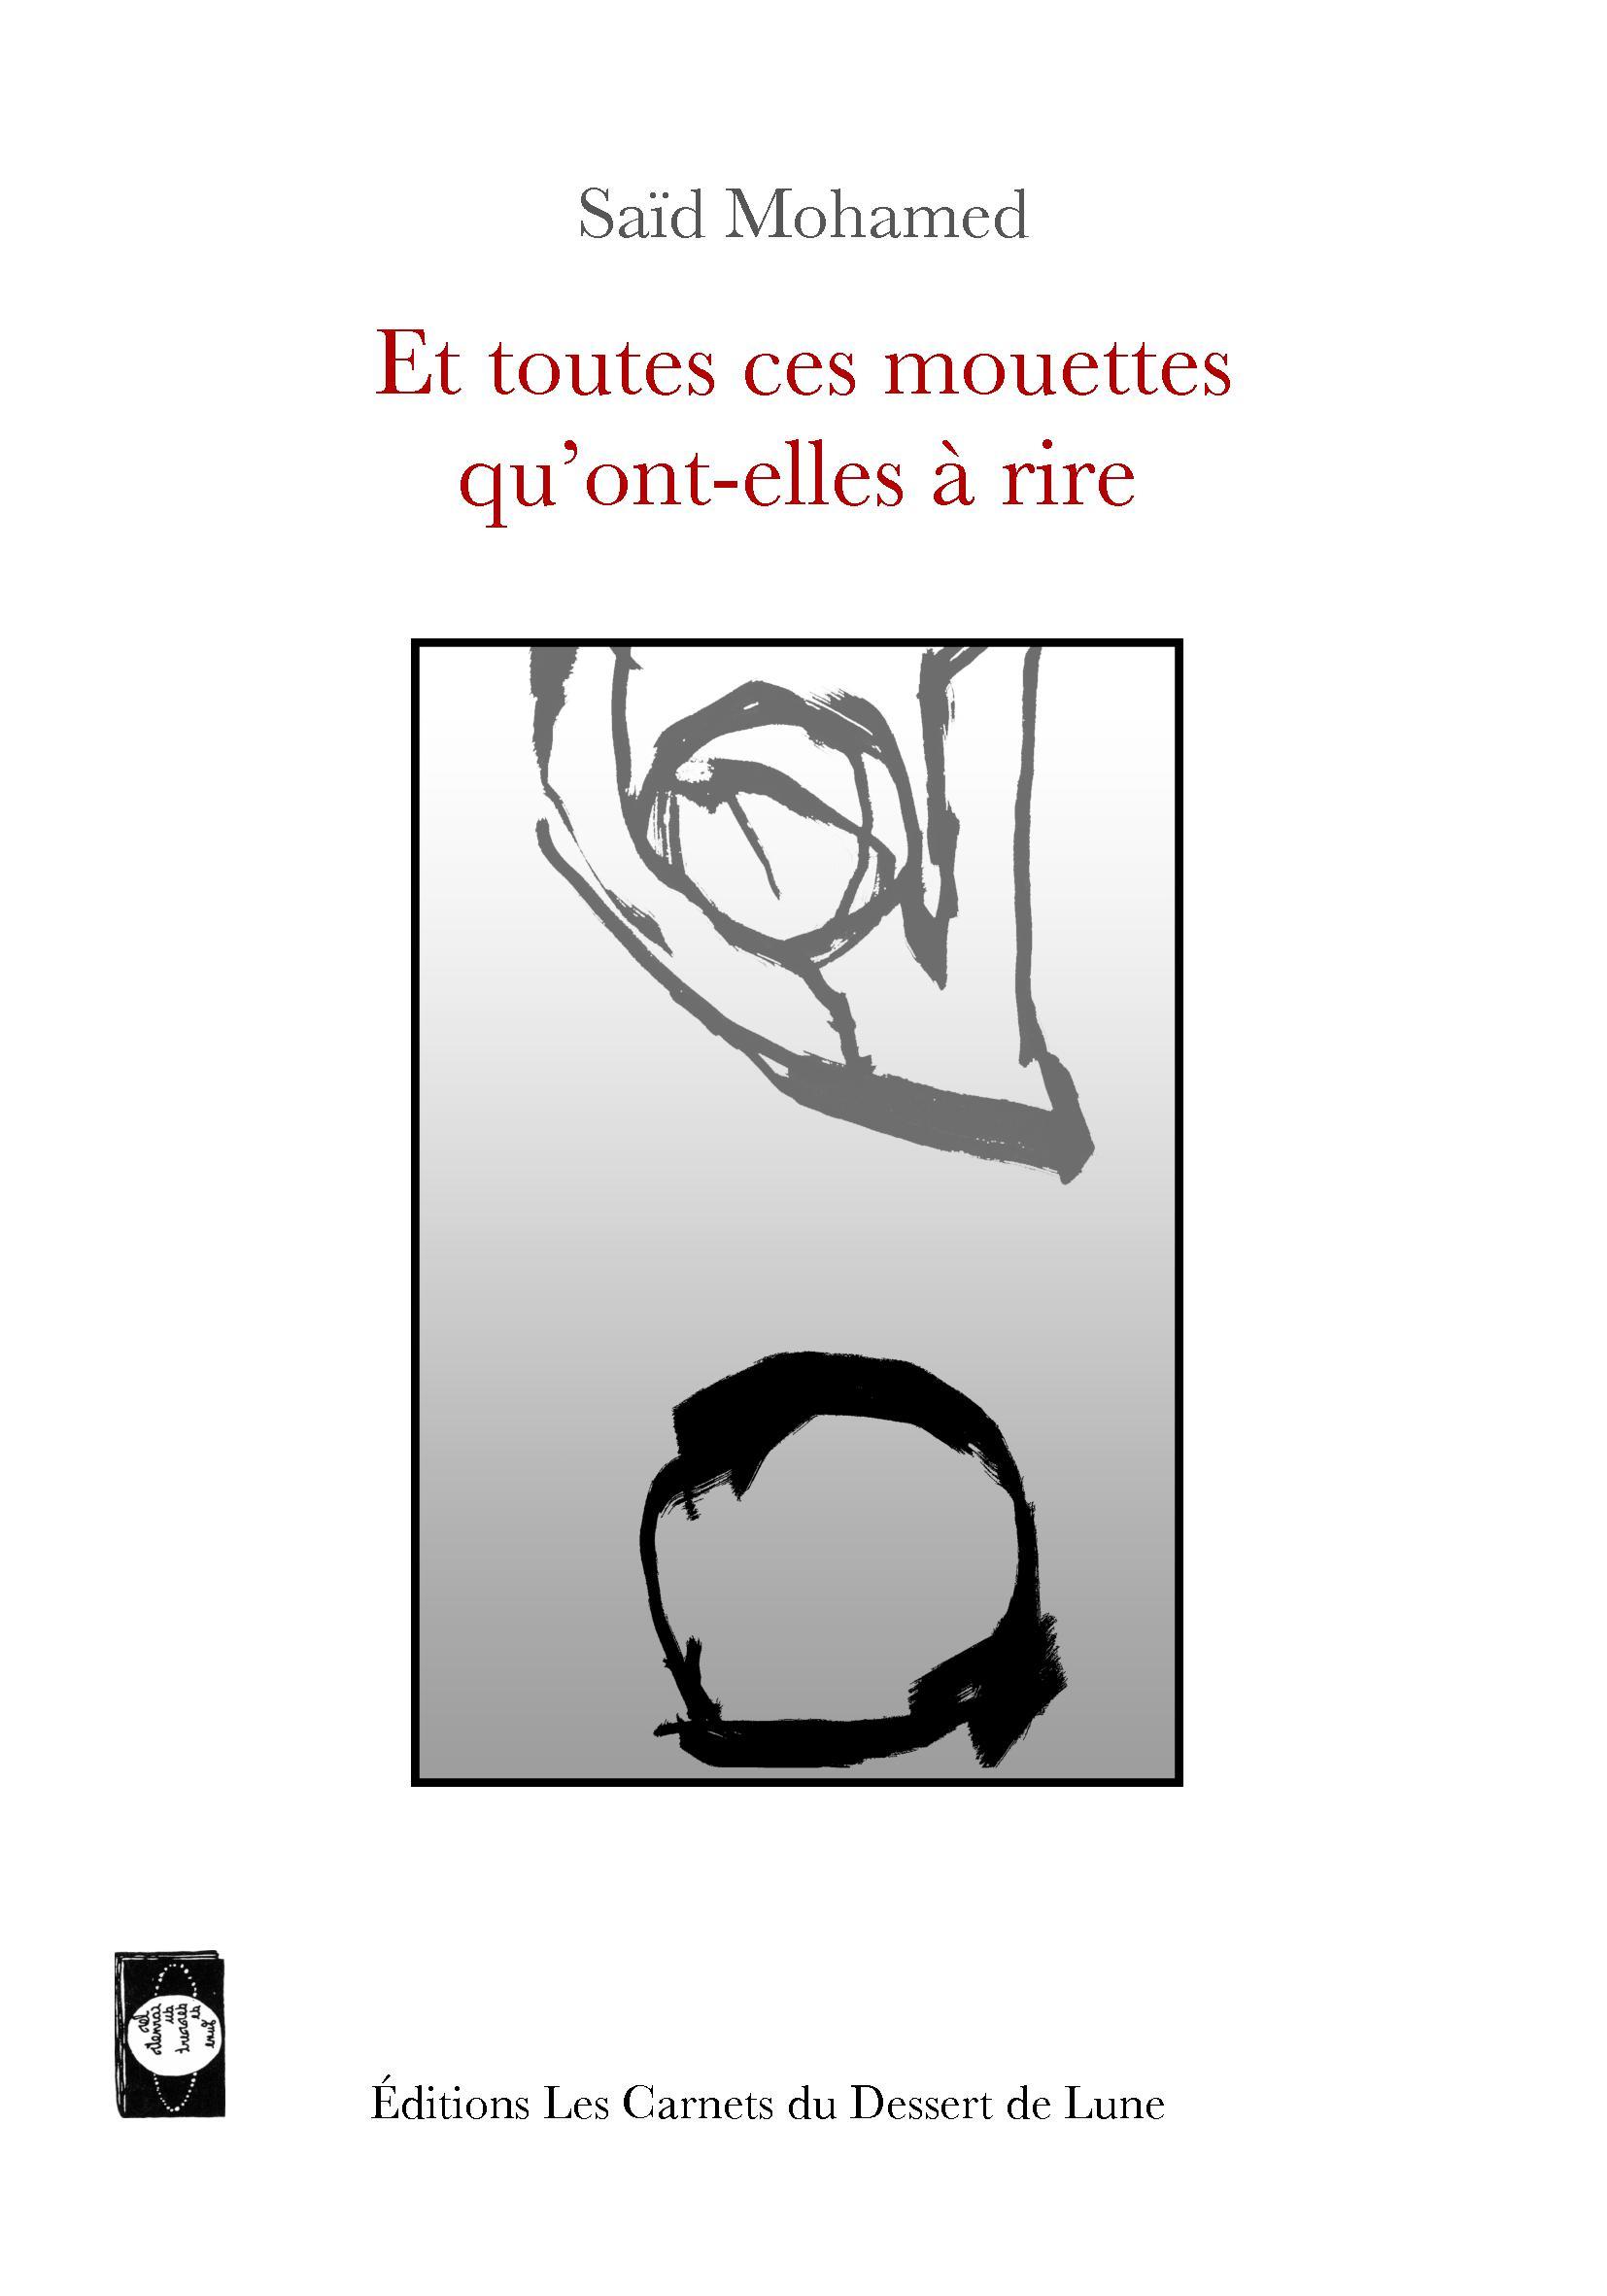 illustrations de Coline Bruges-Renard